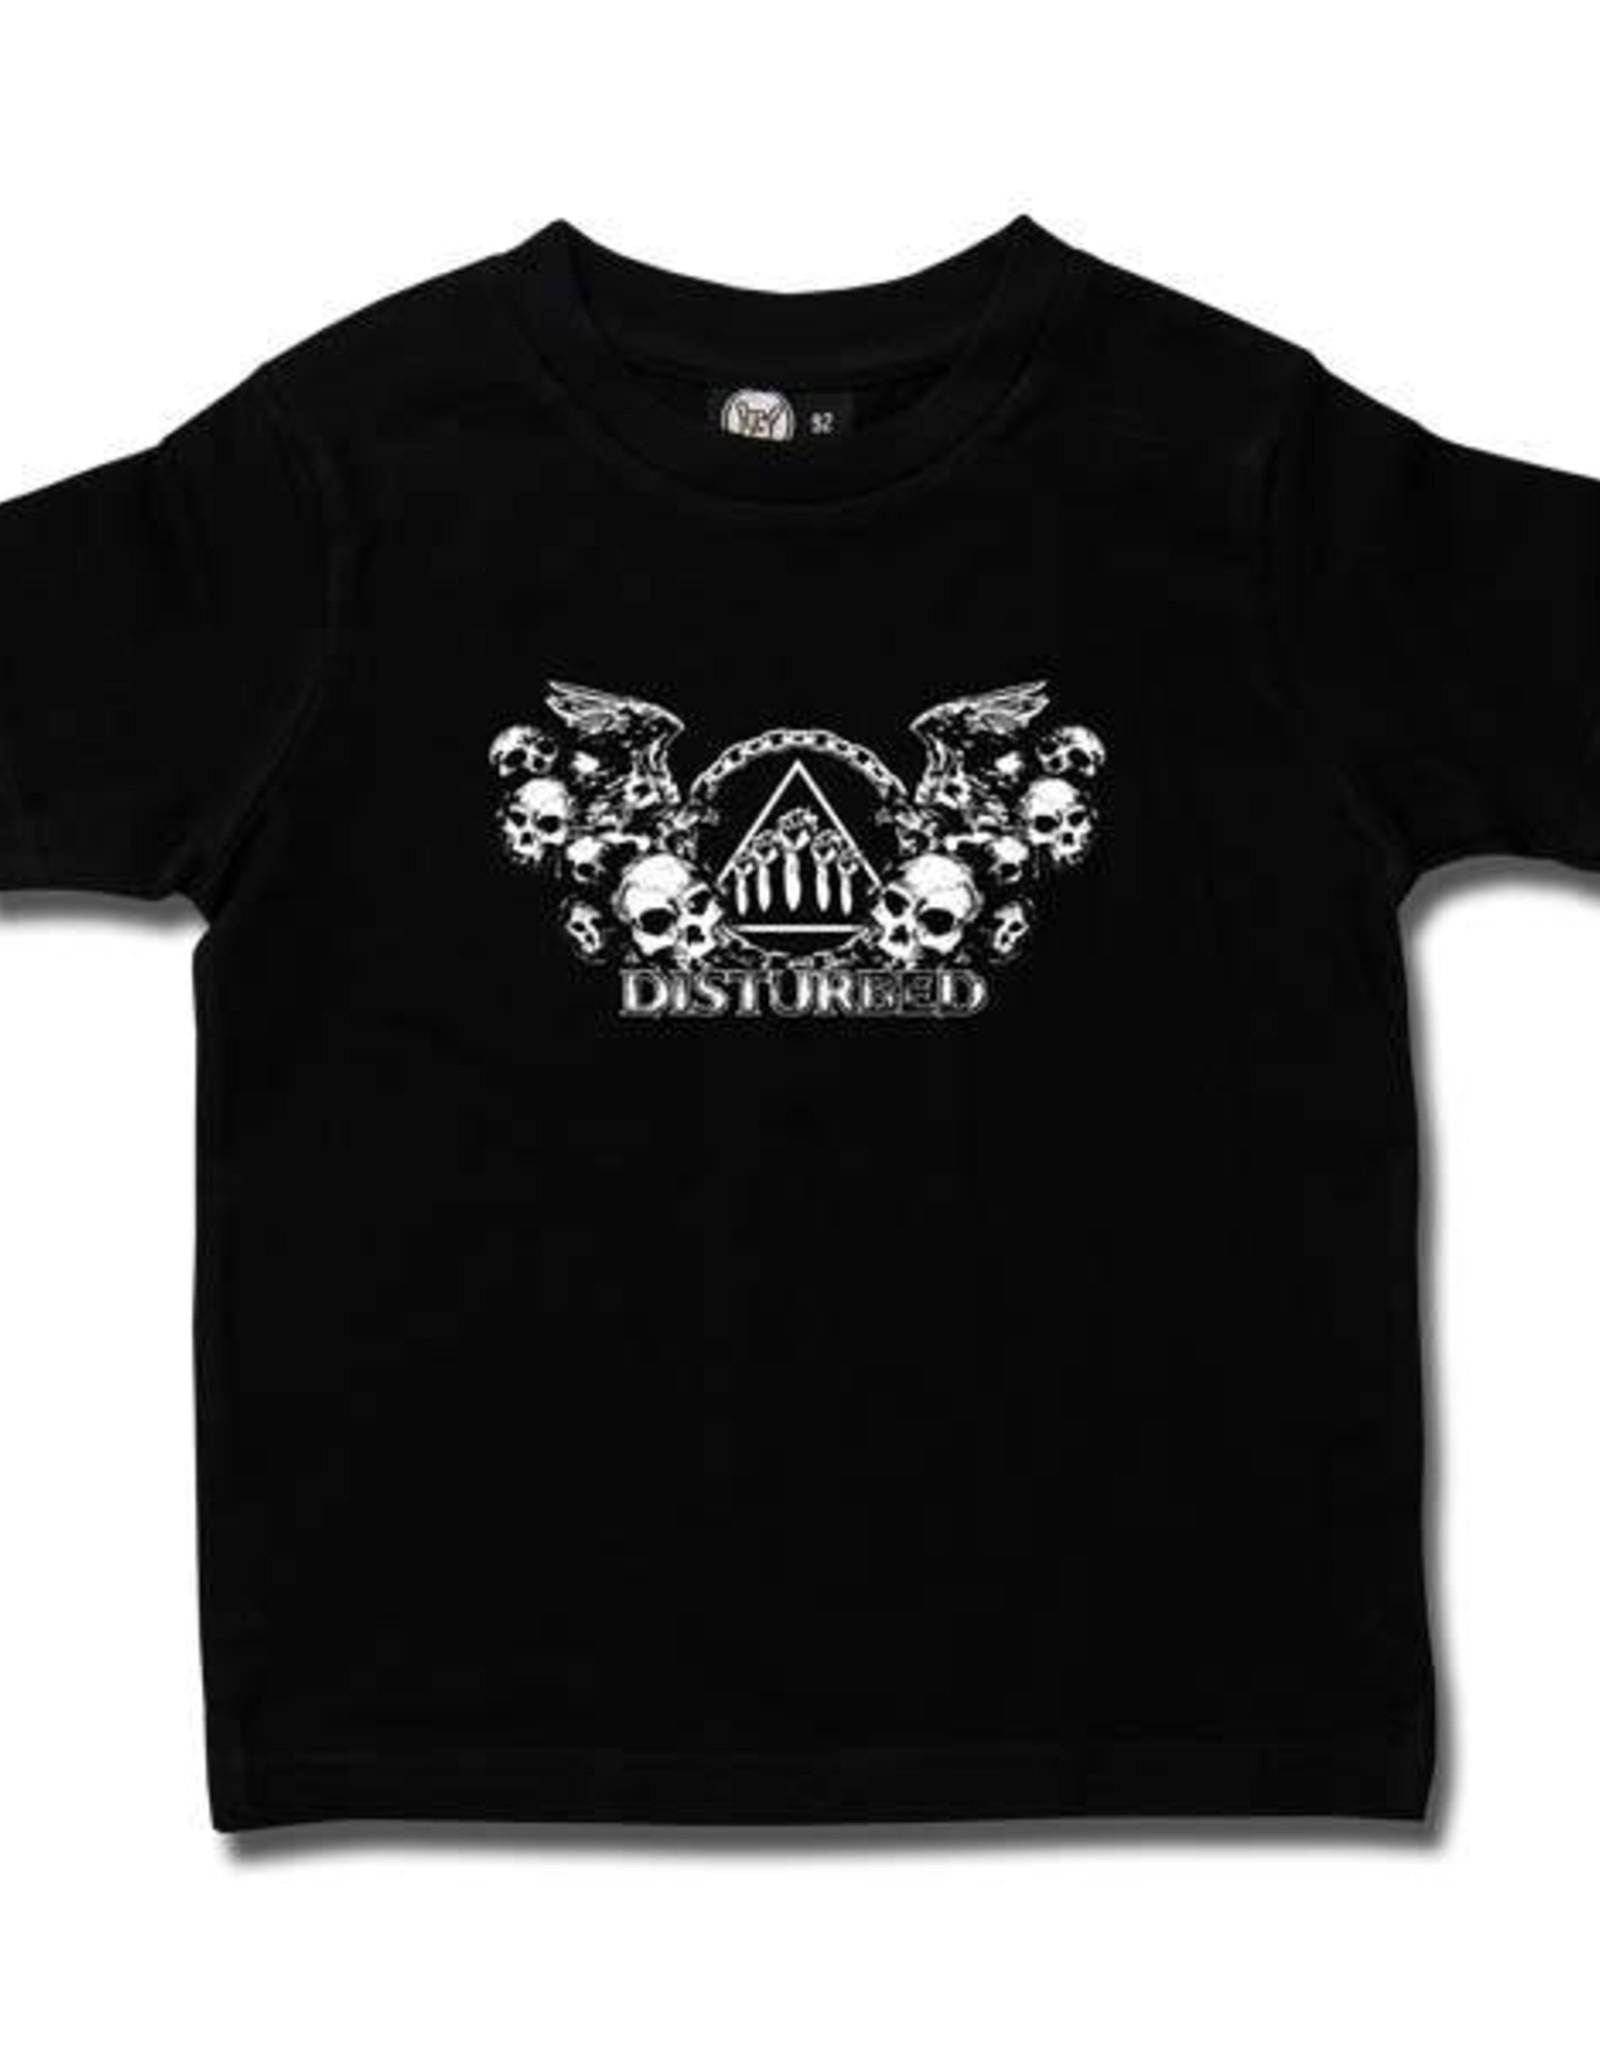 Disturbed (Logo) - Kids T-Shirt